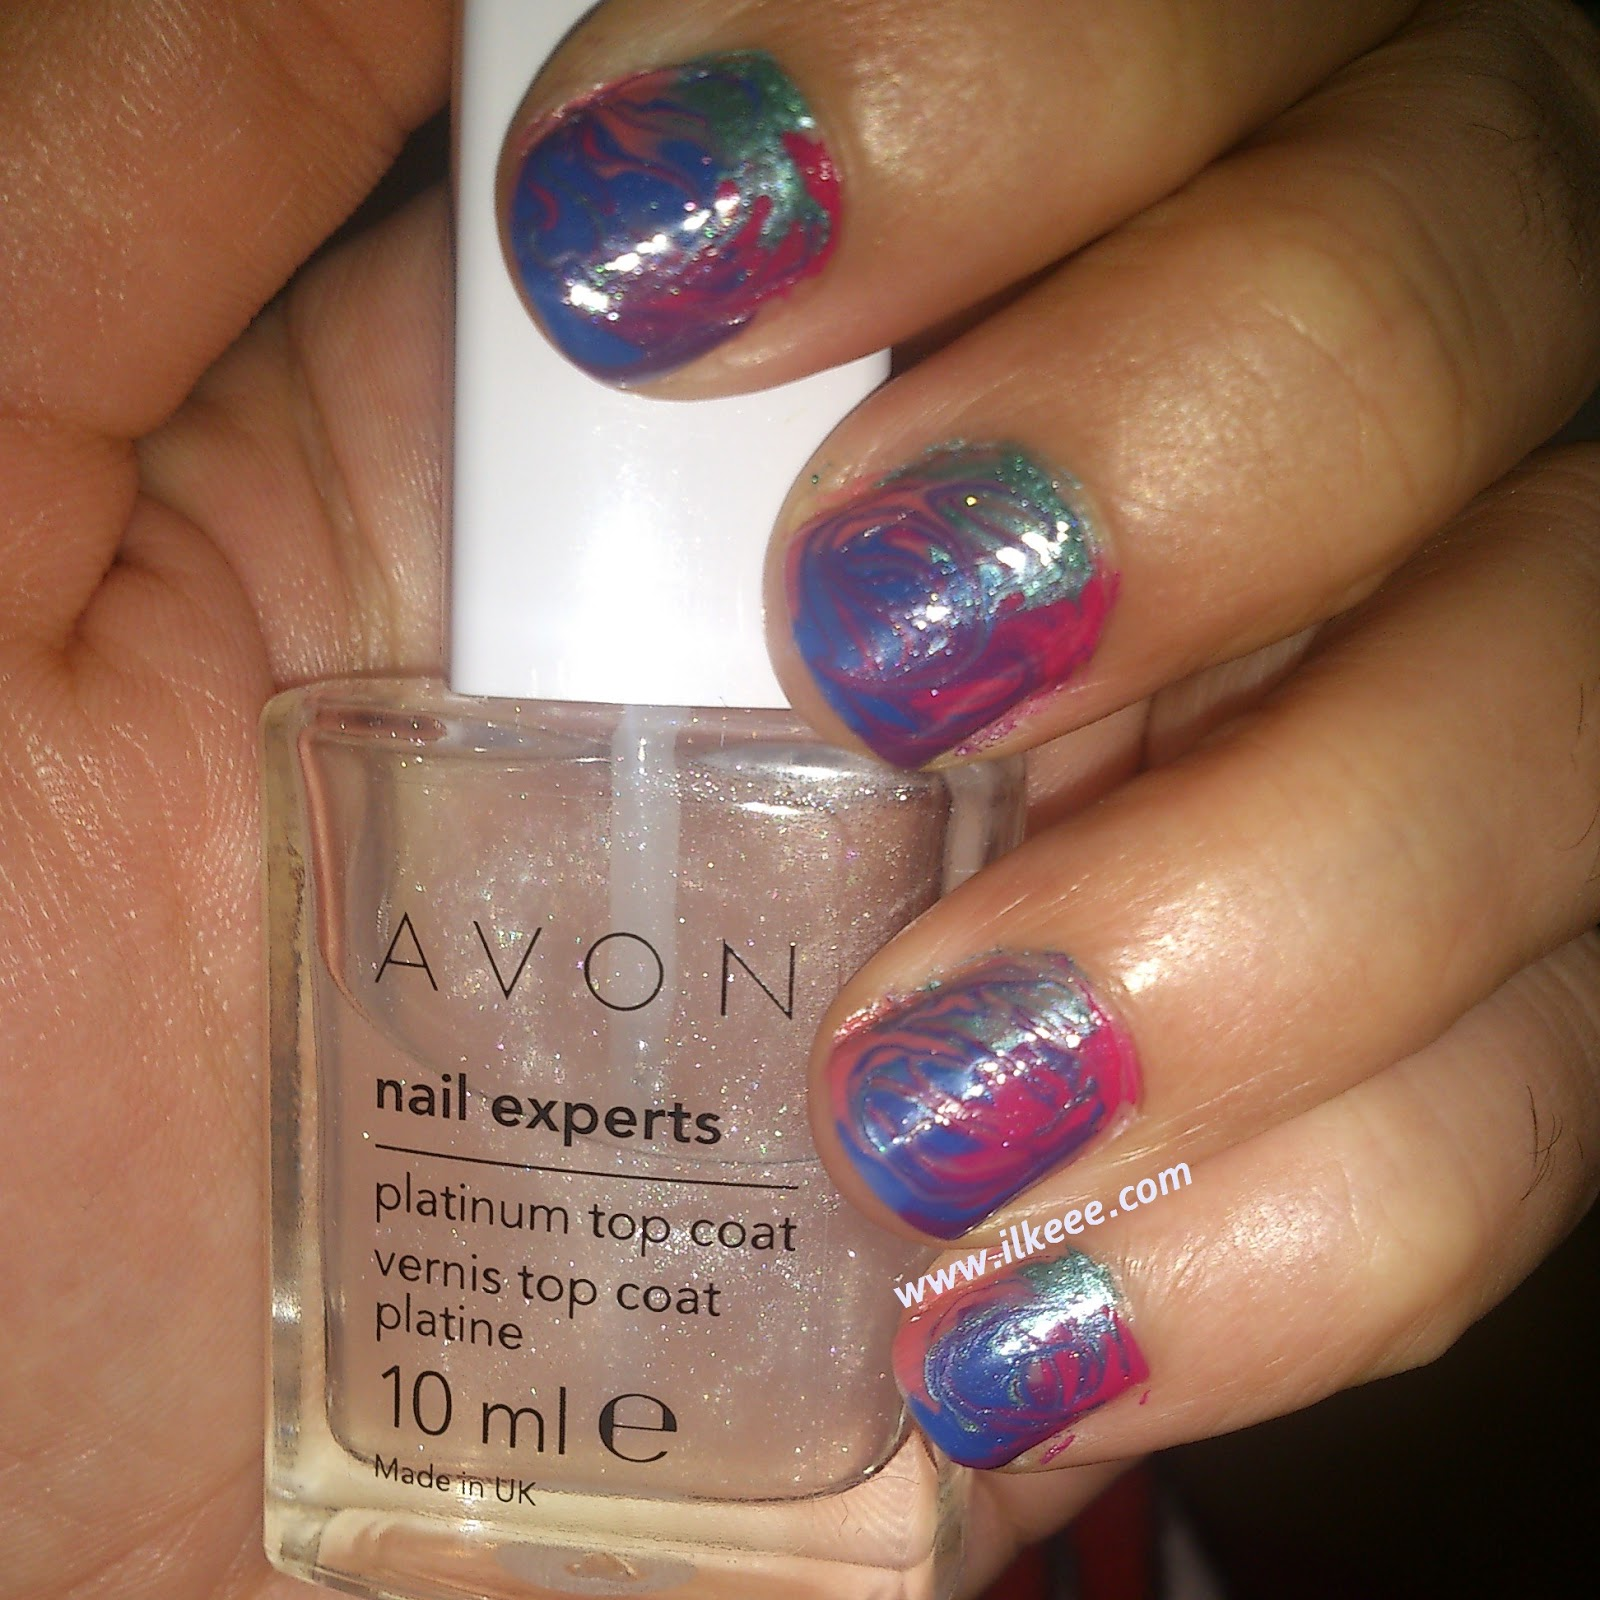 Kolay nailart çalışmaları - Avon Nail enamel - Avon Plantinum top coat